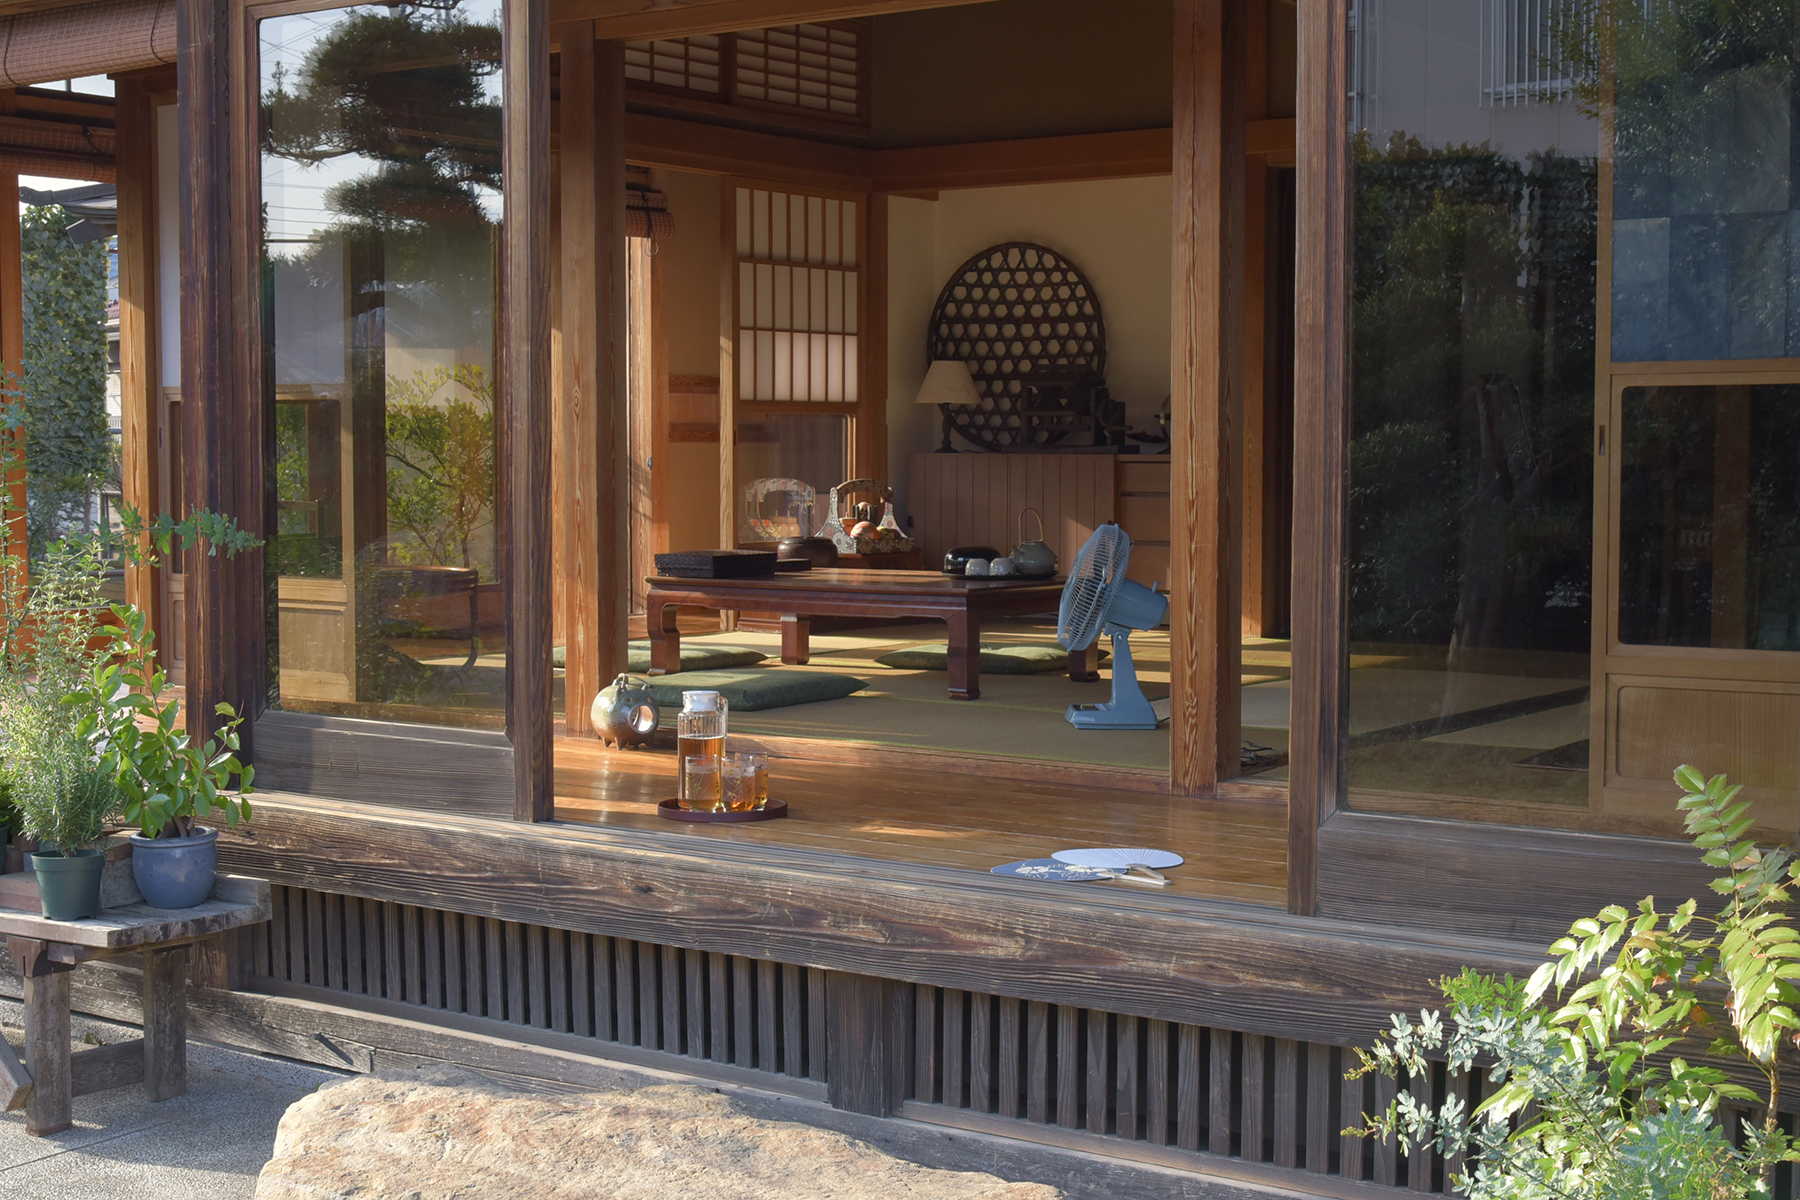 佐倉スタジオ (サクラ スタジオ)居間 和室の設え